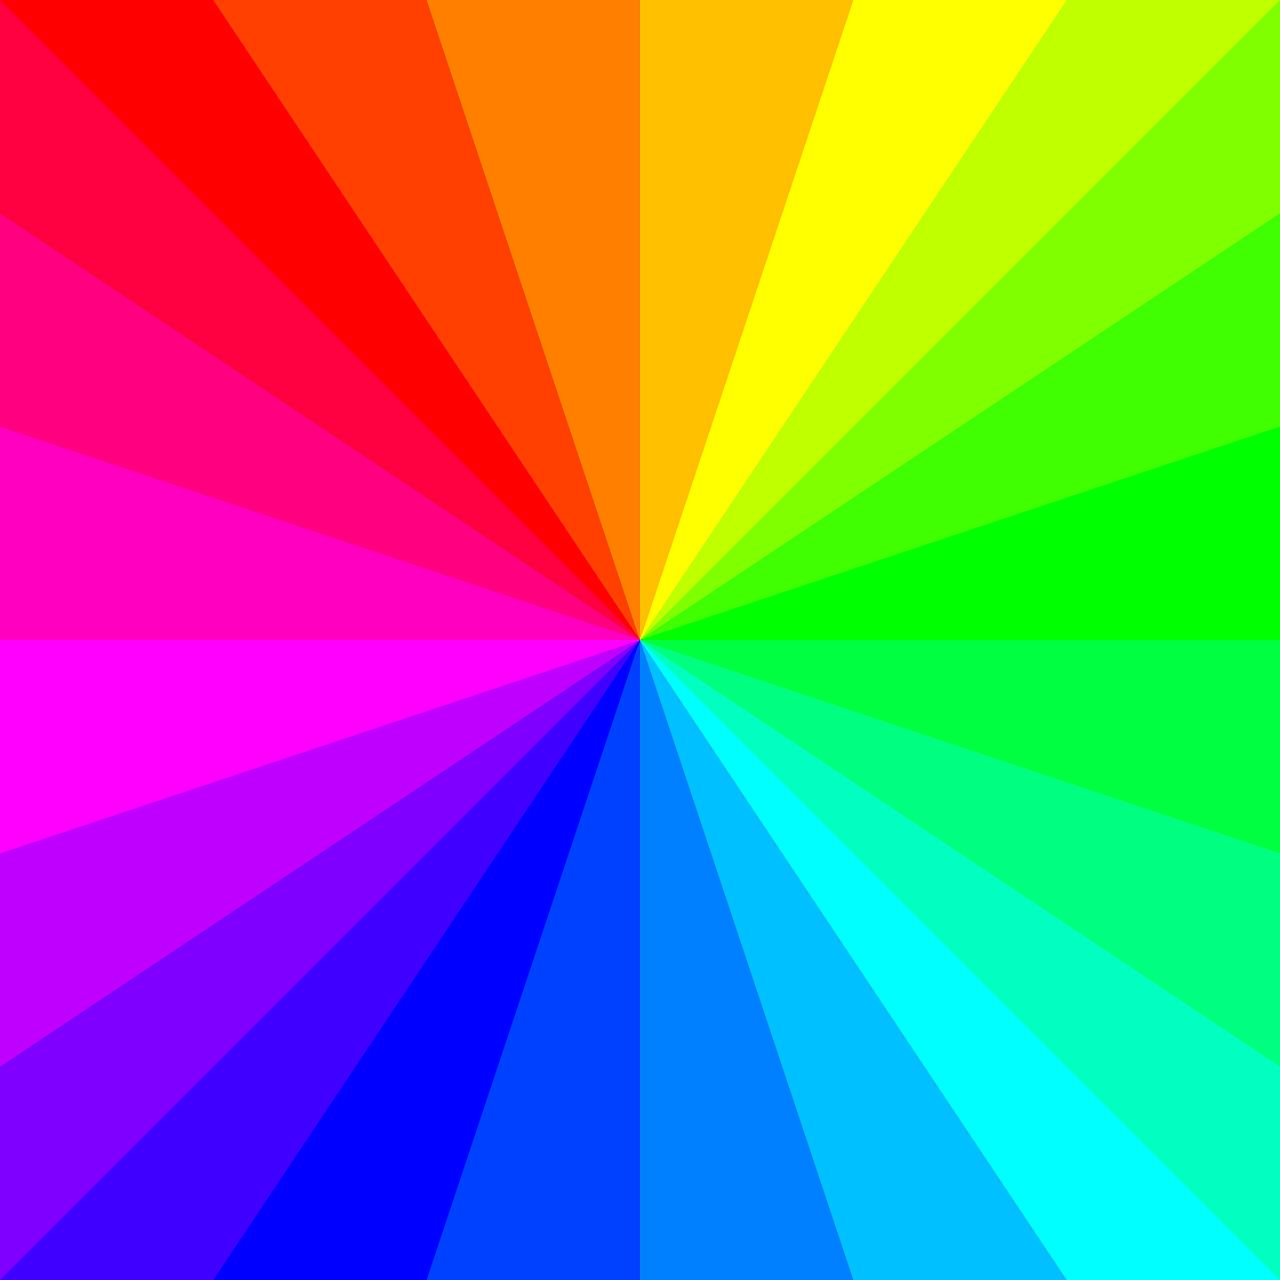 земля картинки радуга квадратные предназначен для